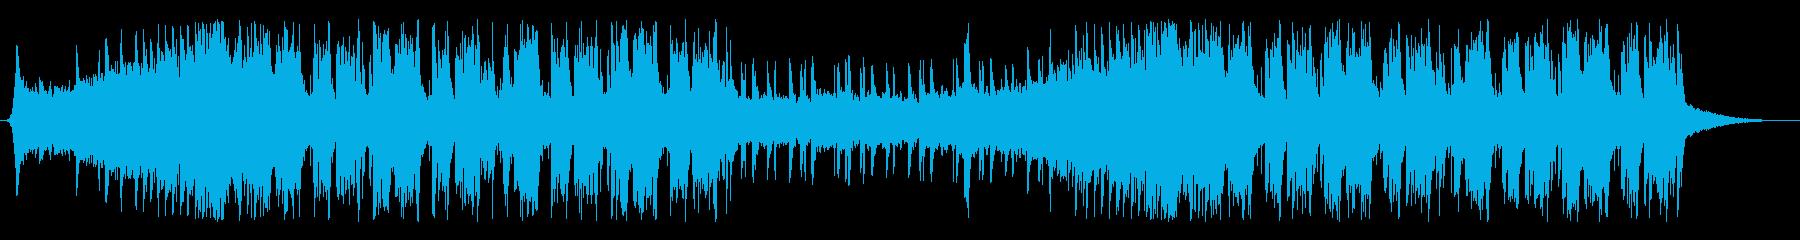 future bass /EDM/クールの再生済みの波形